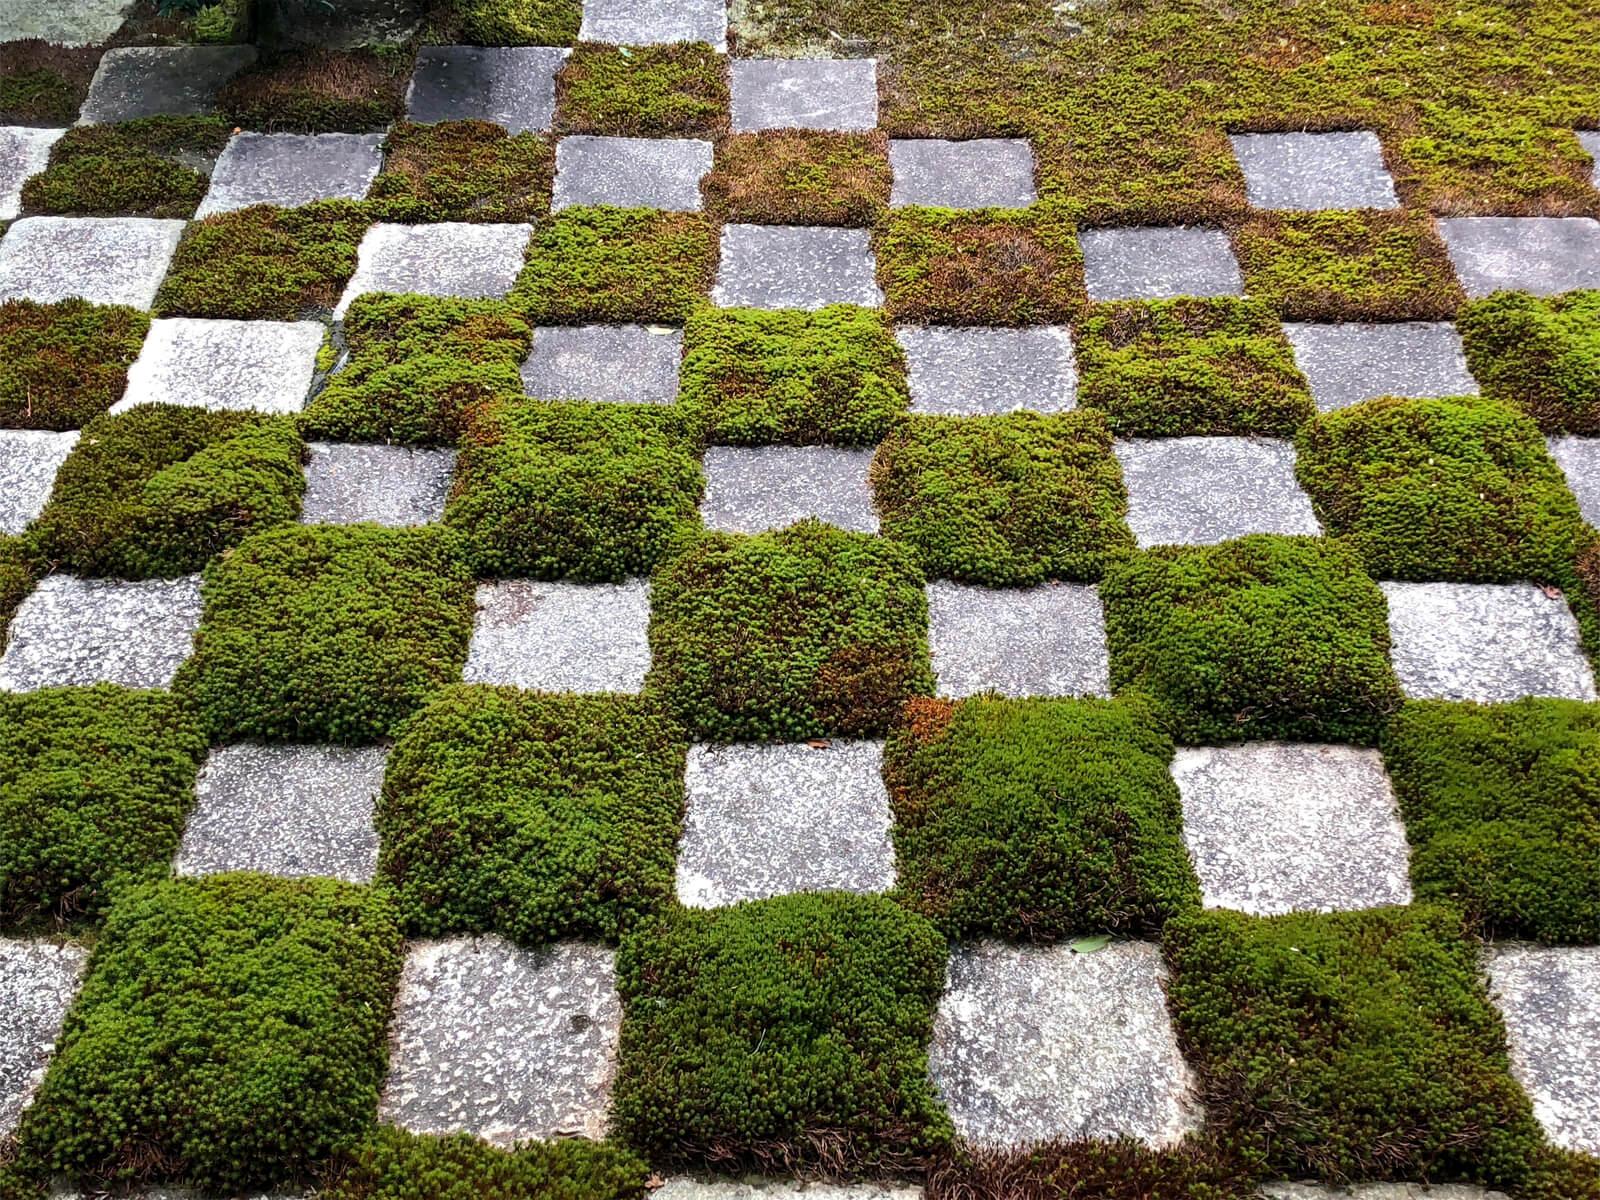 東福寺 本坊庭園の市松模様の苔